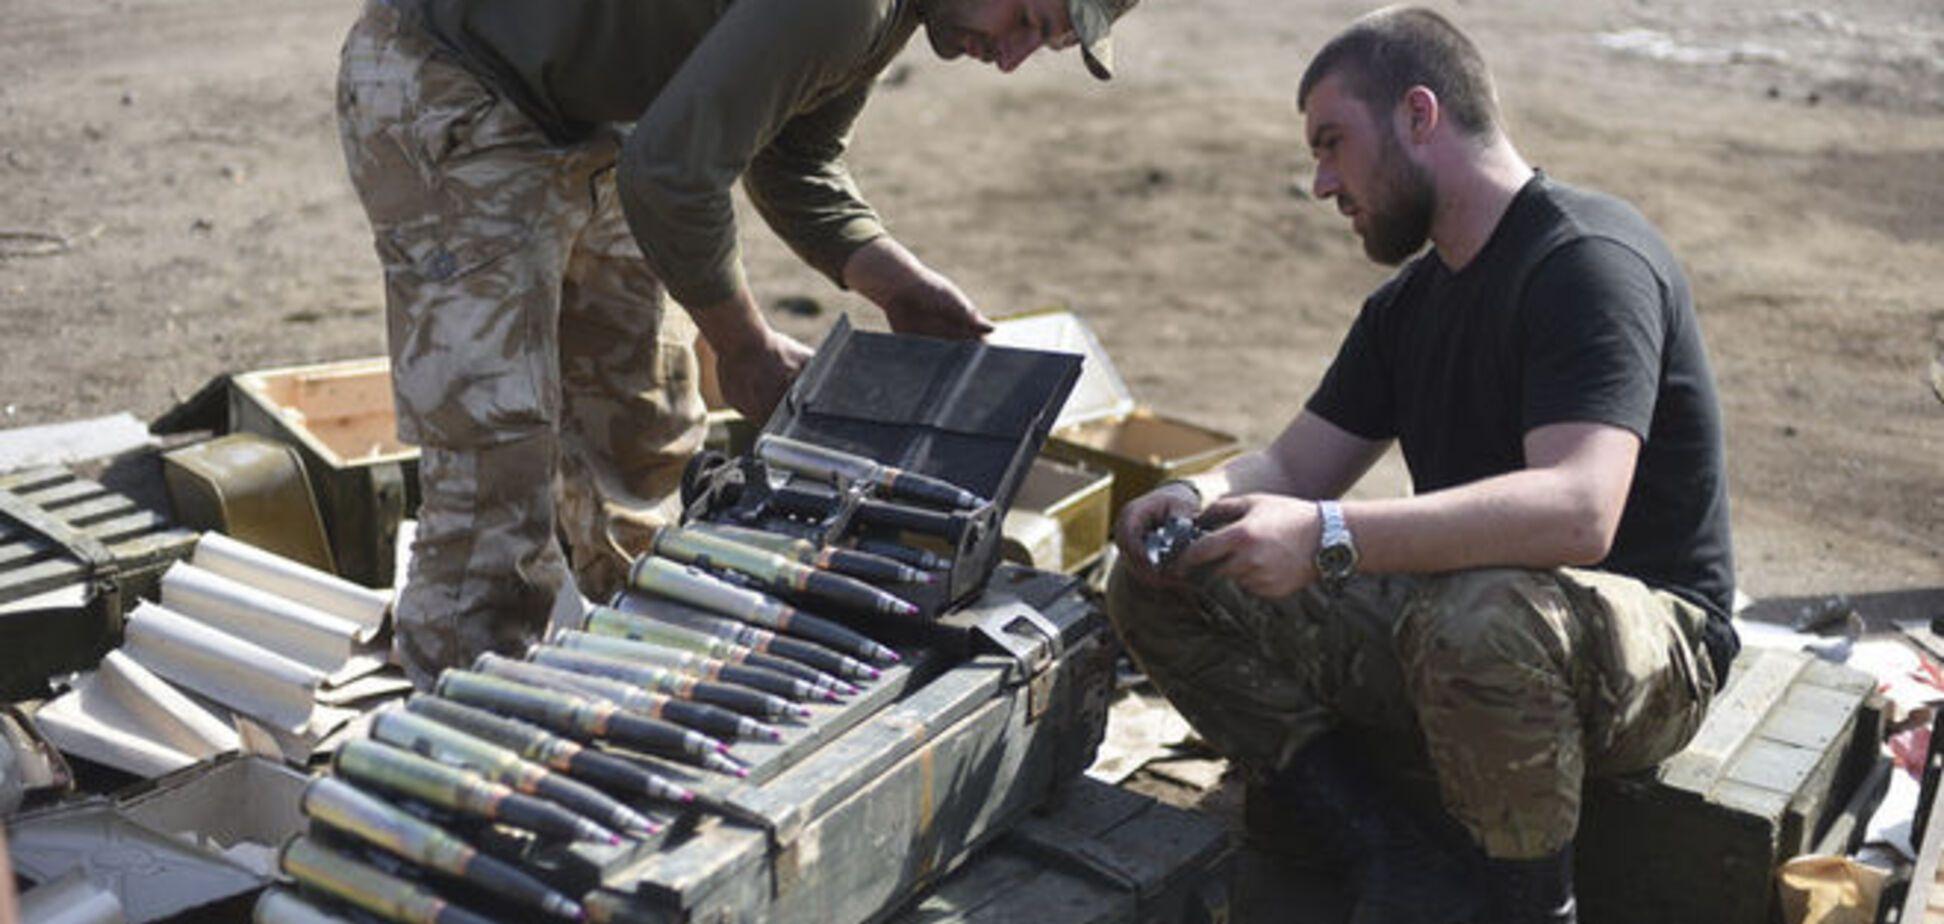 Генерал объяснил, как можно решить конфликт на Донбассе